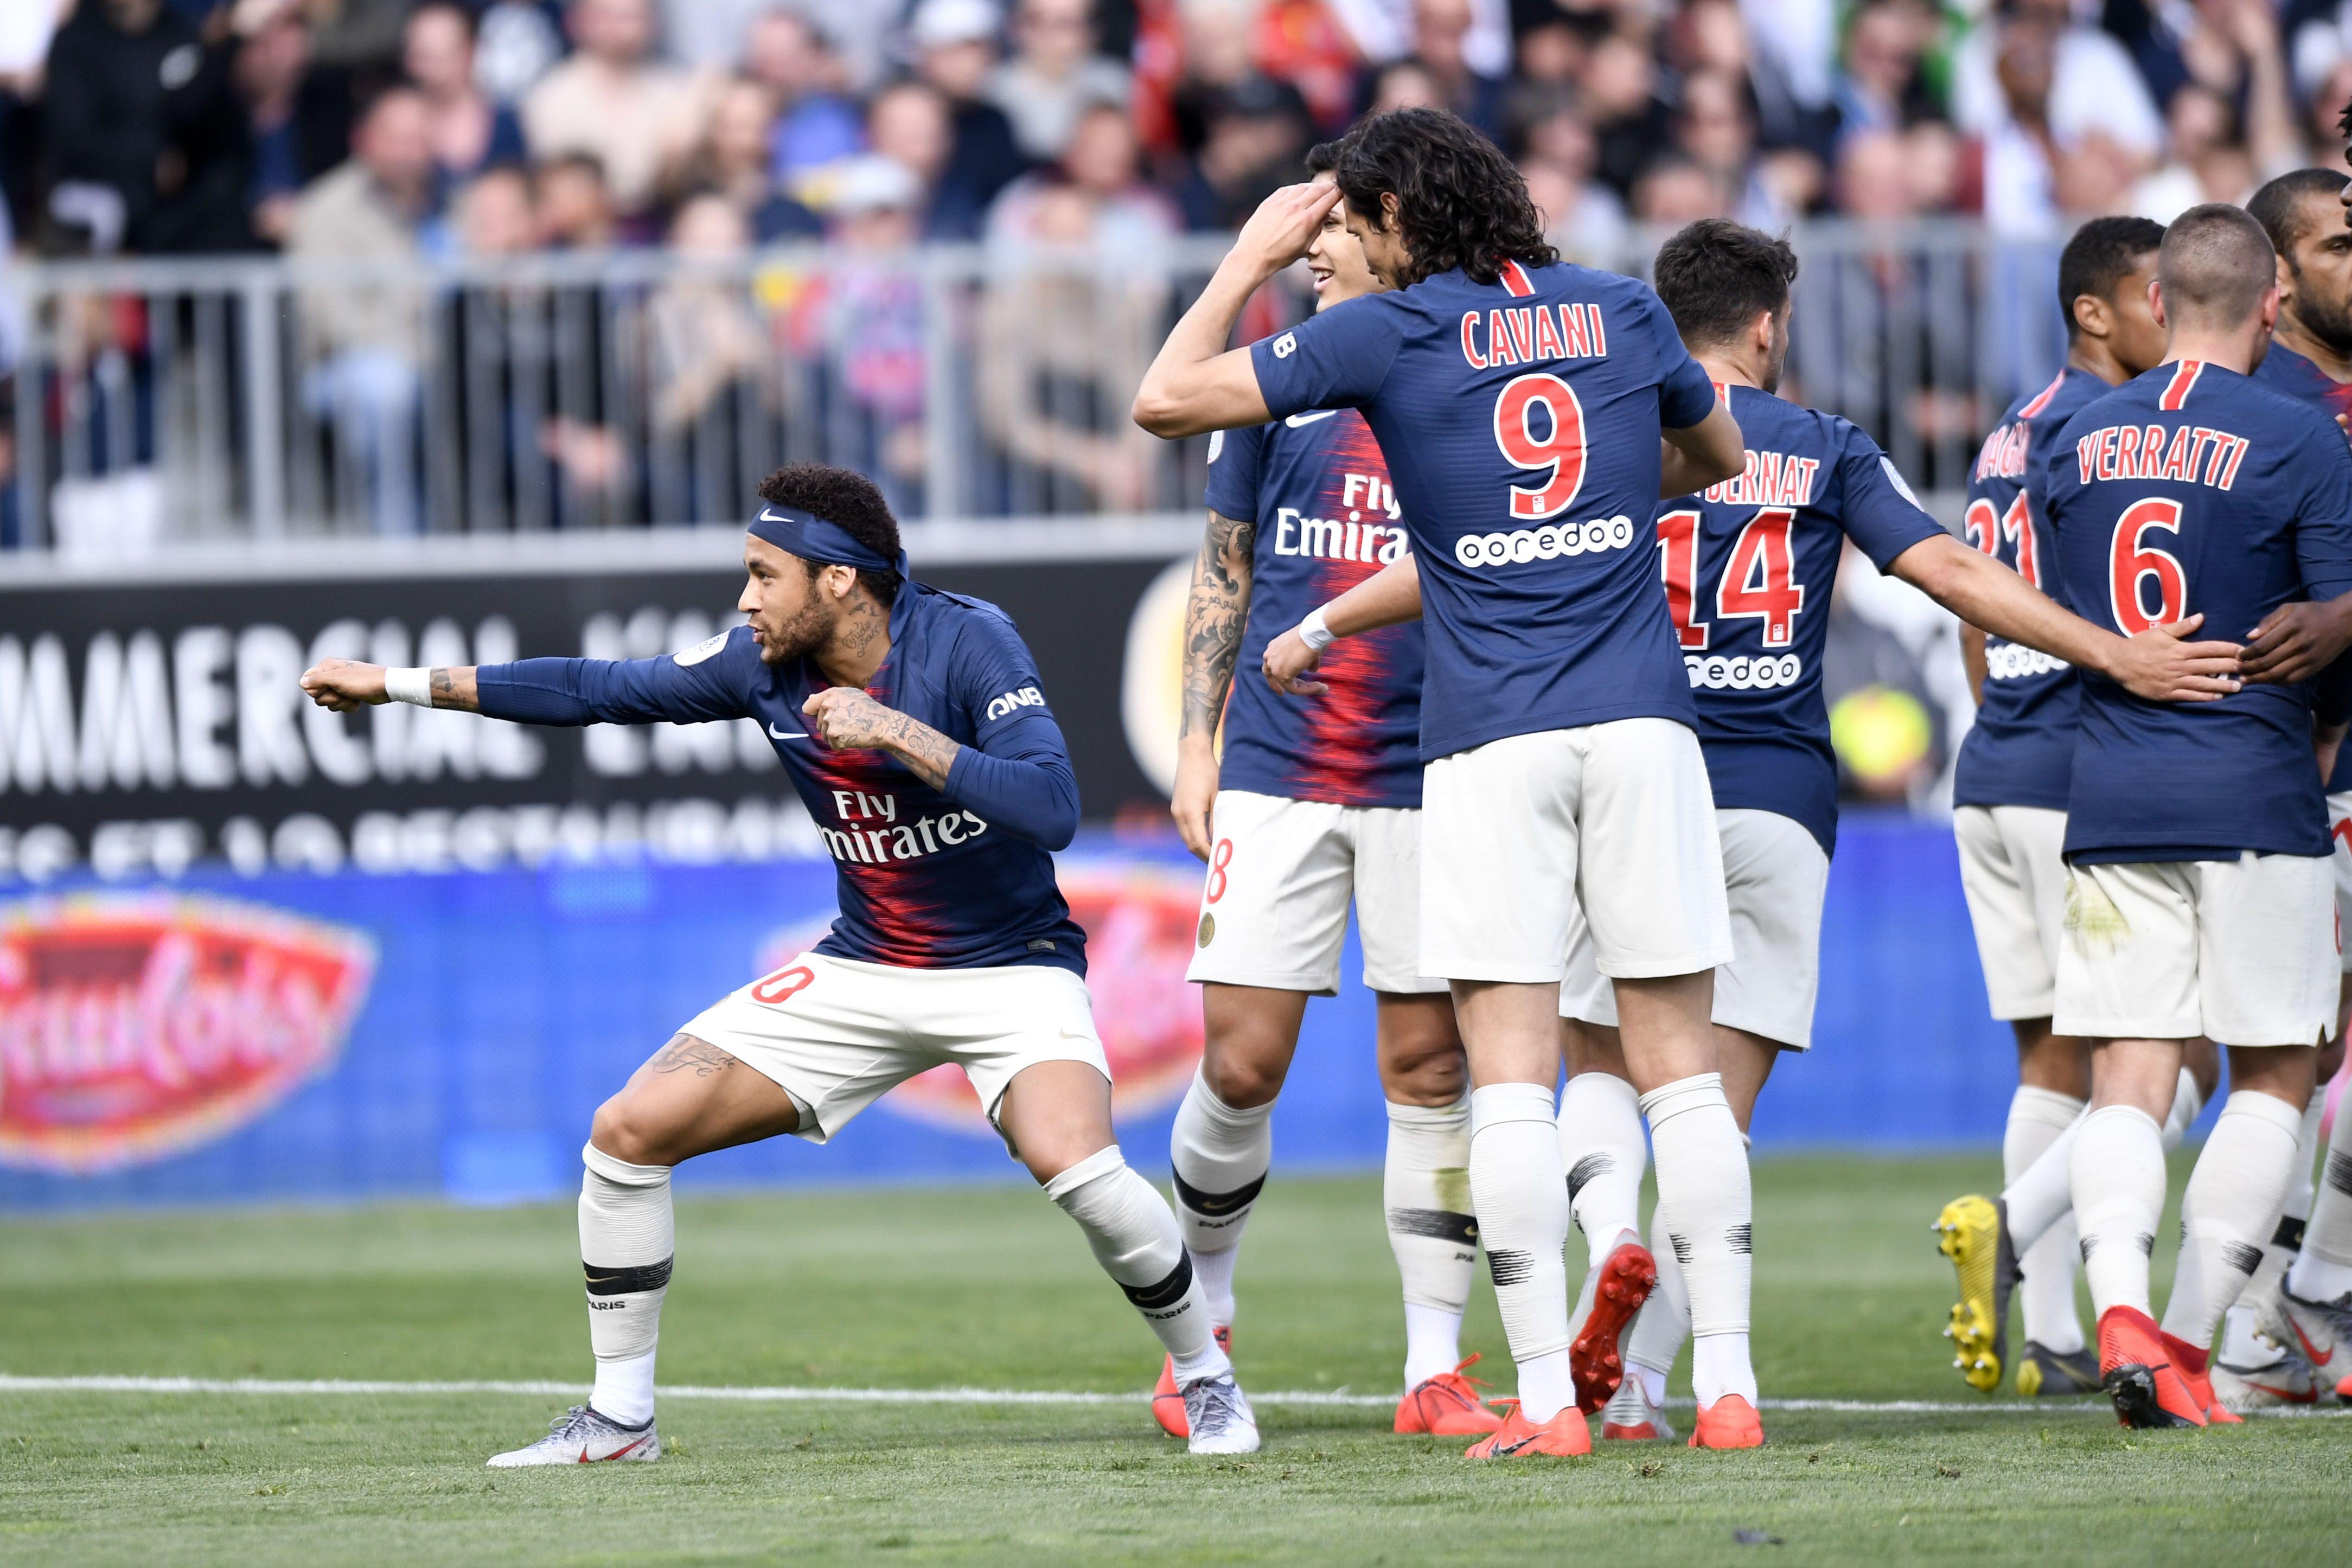 Football - Transferts - Quand Neymar promettait de revenir «plus fort la saison prochaine» avec le PSG